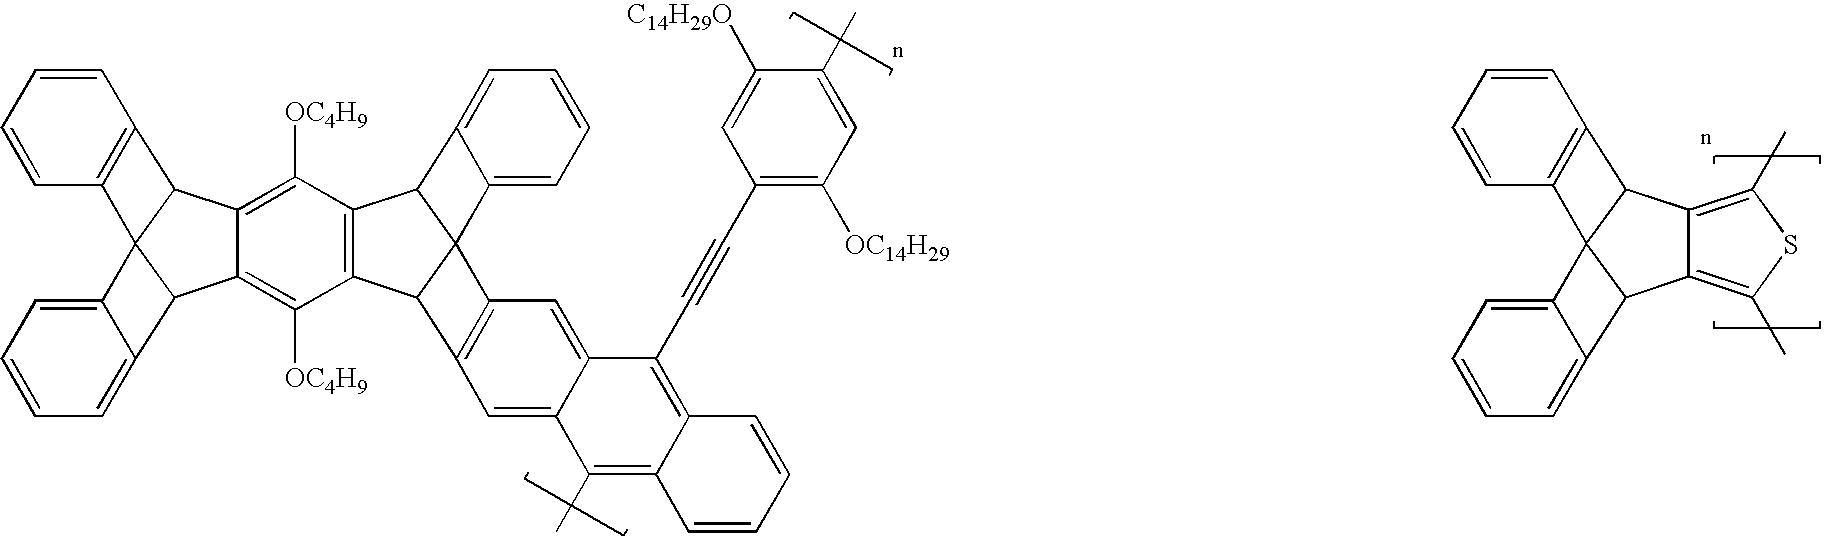 Figure US20060120923A1-20060608-C00015